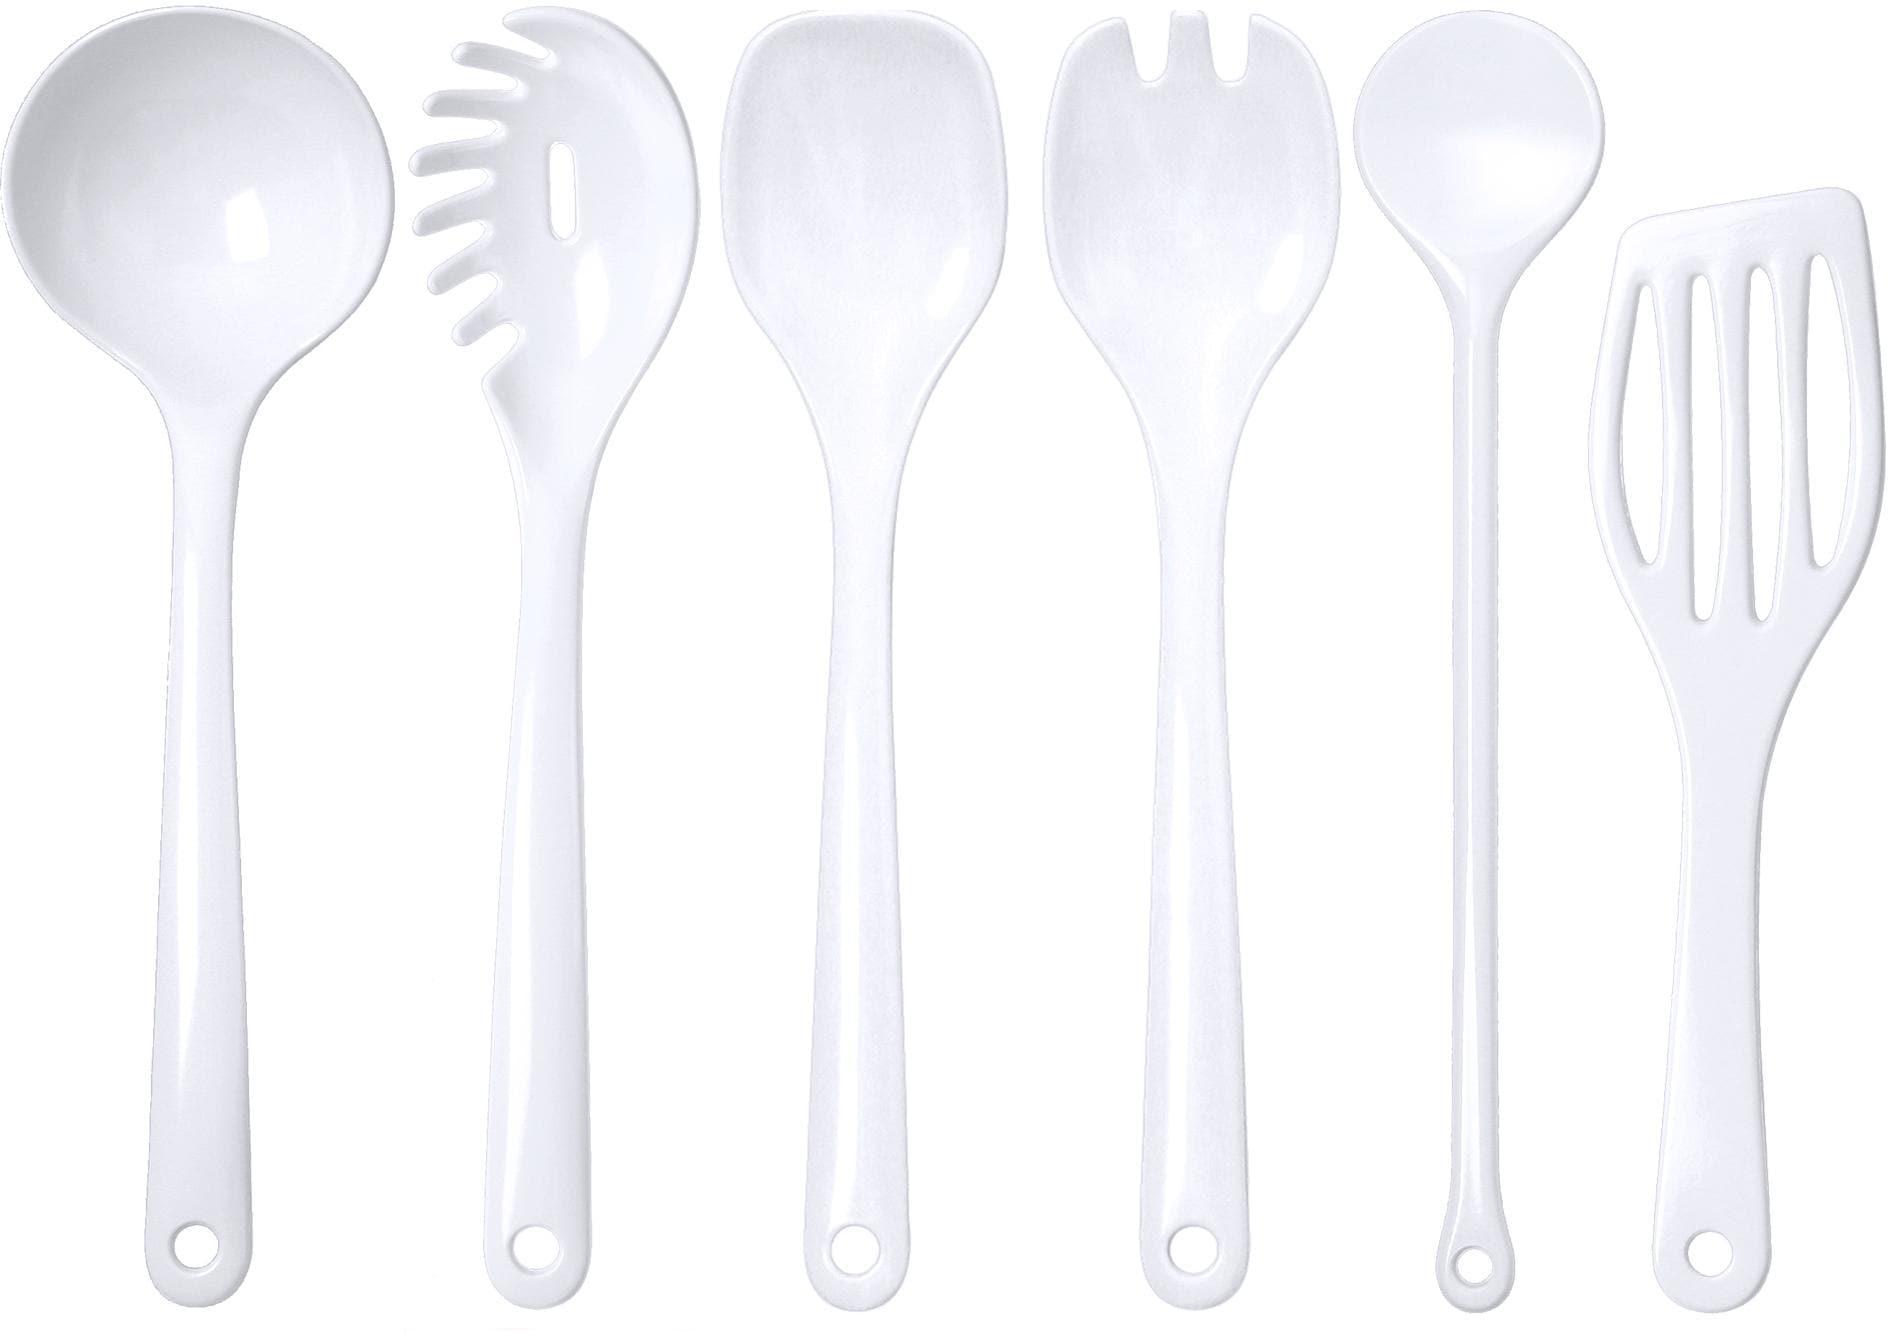 WACA Kochbesteck-Set, (Set, 6 tlg.) weiß Kochbesteck-Set Kochbesteck Besteck Messer Haushaltswaren